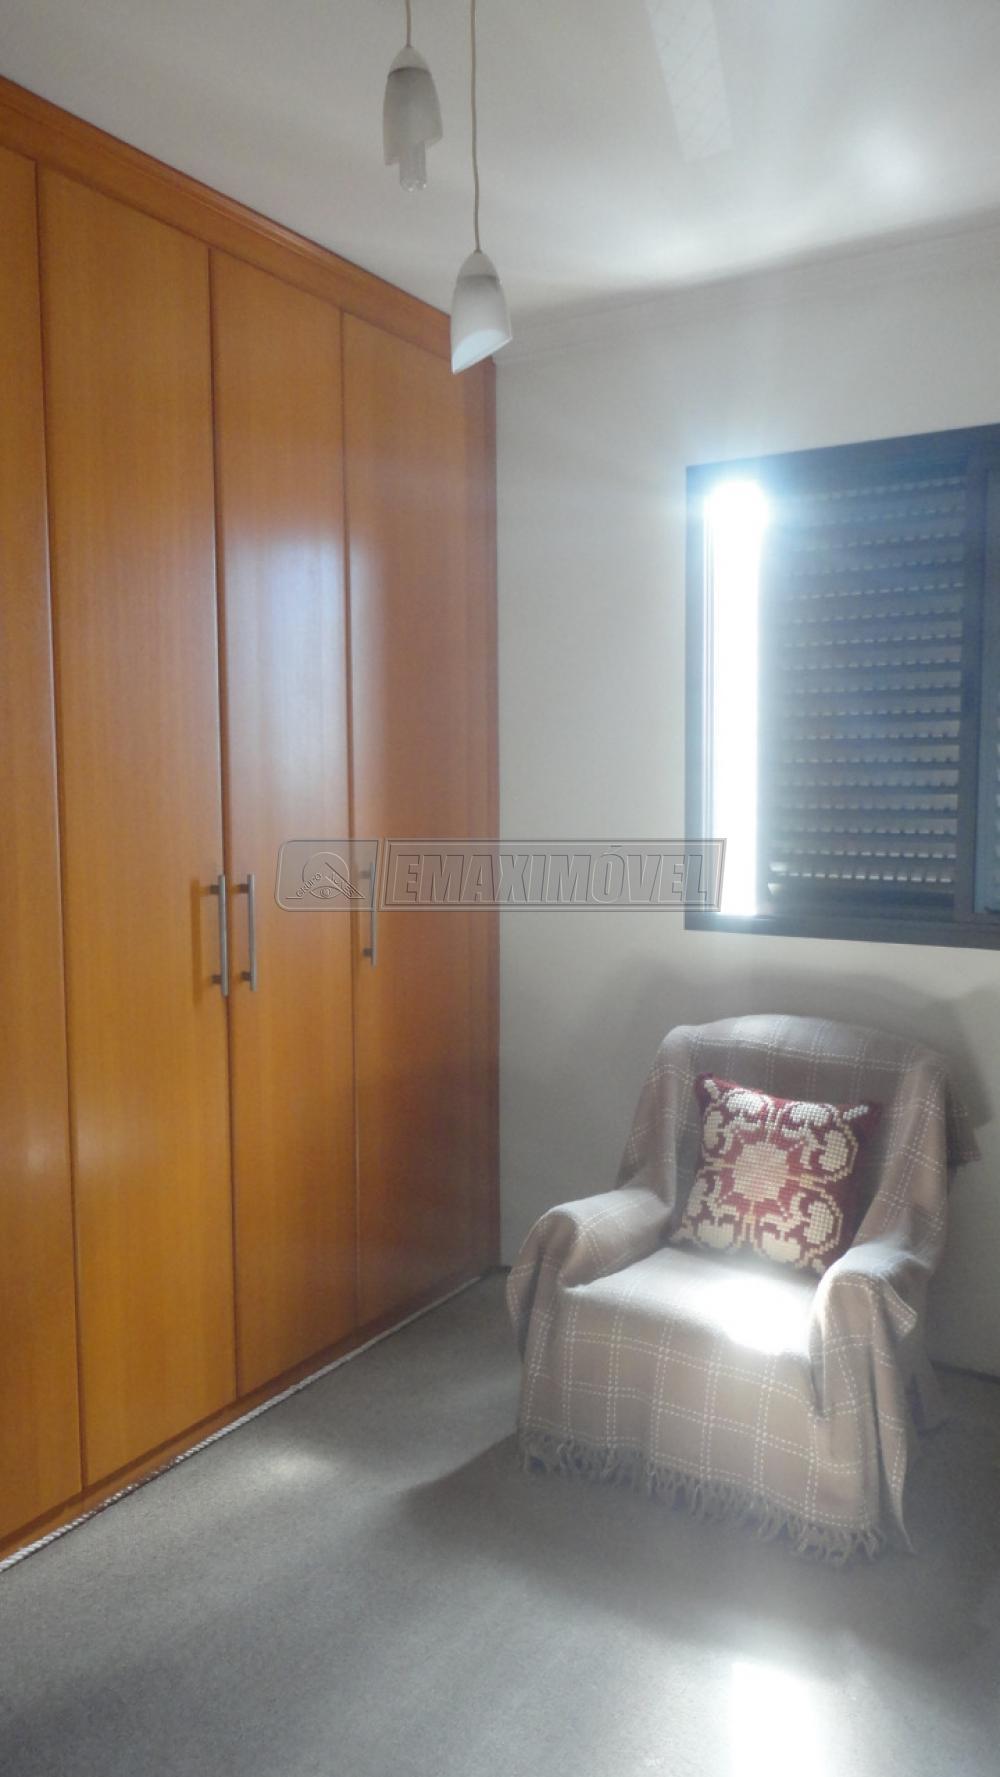 Comprar Apartamentos / Apto Padrão em Sorocaba apenas R$ 510.000,00 - Foto 11